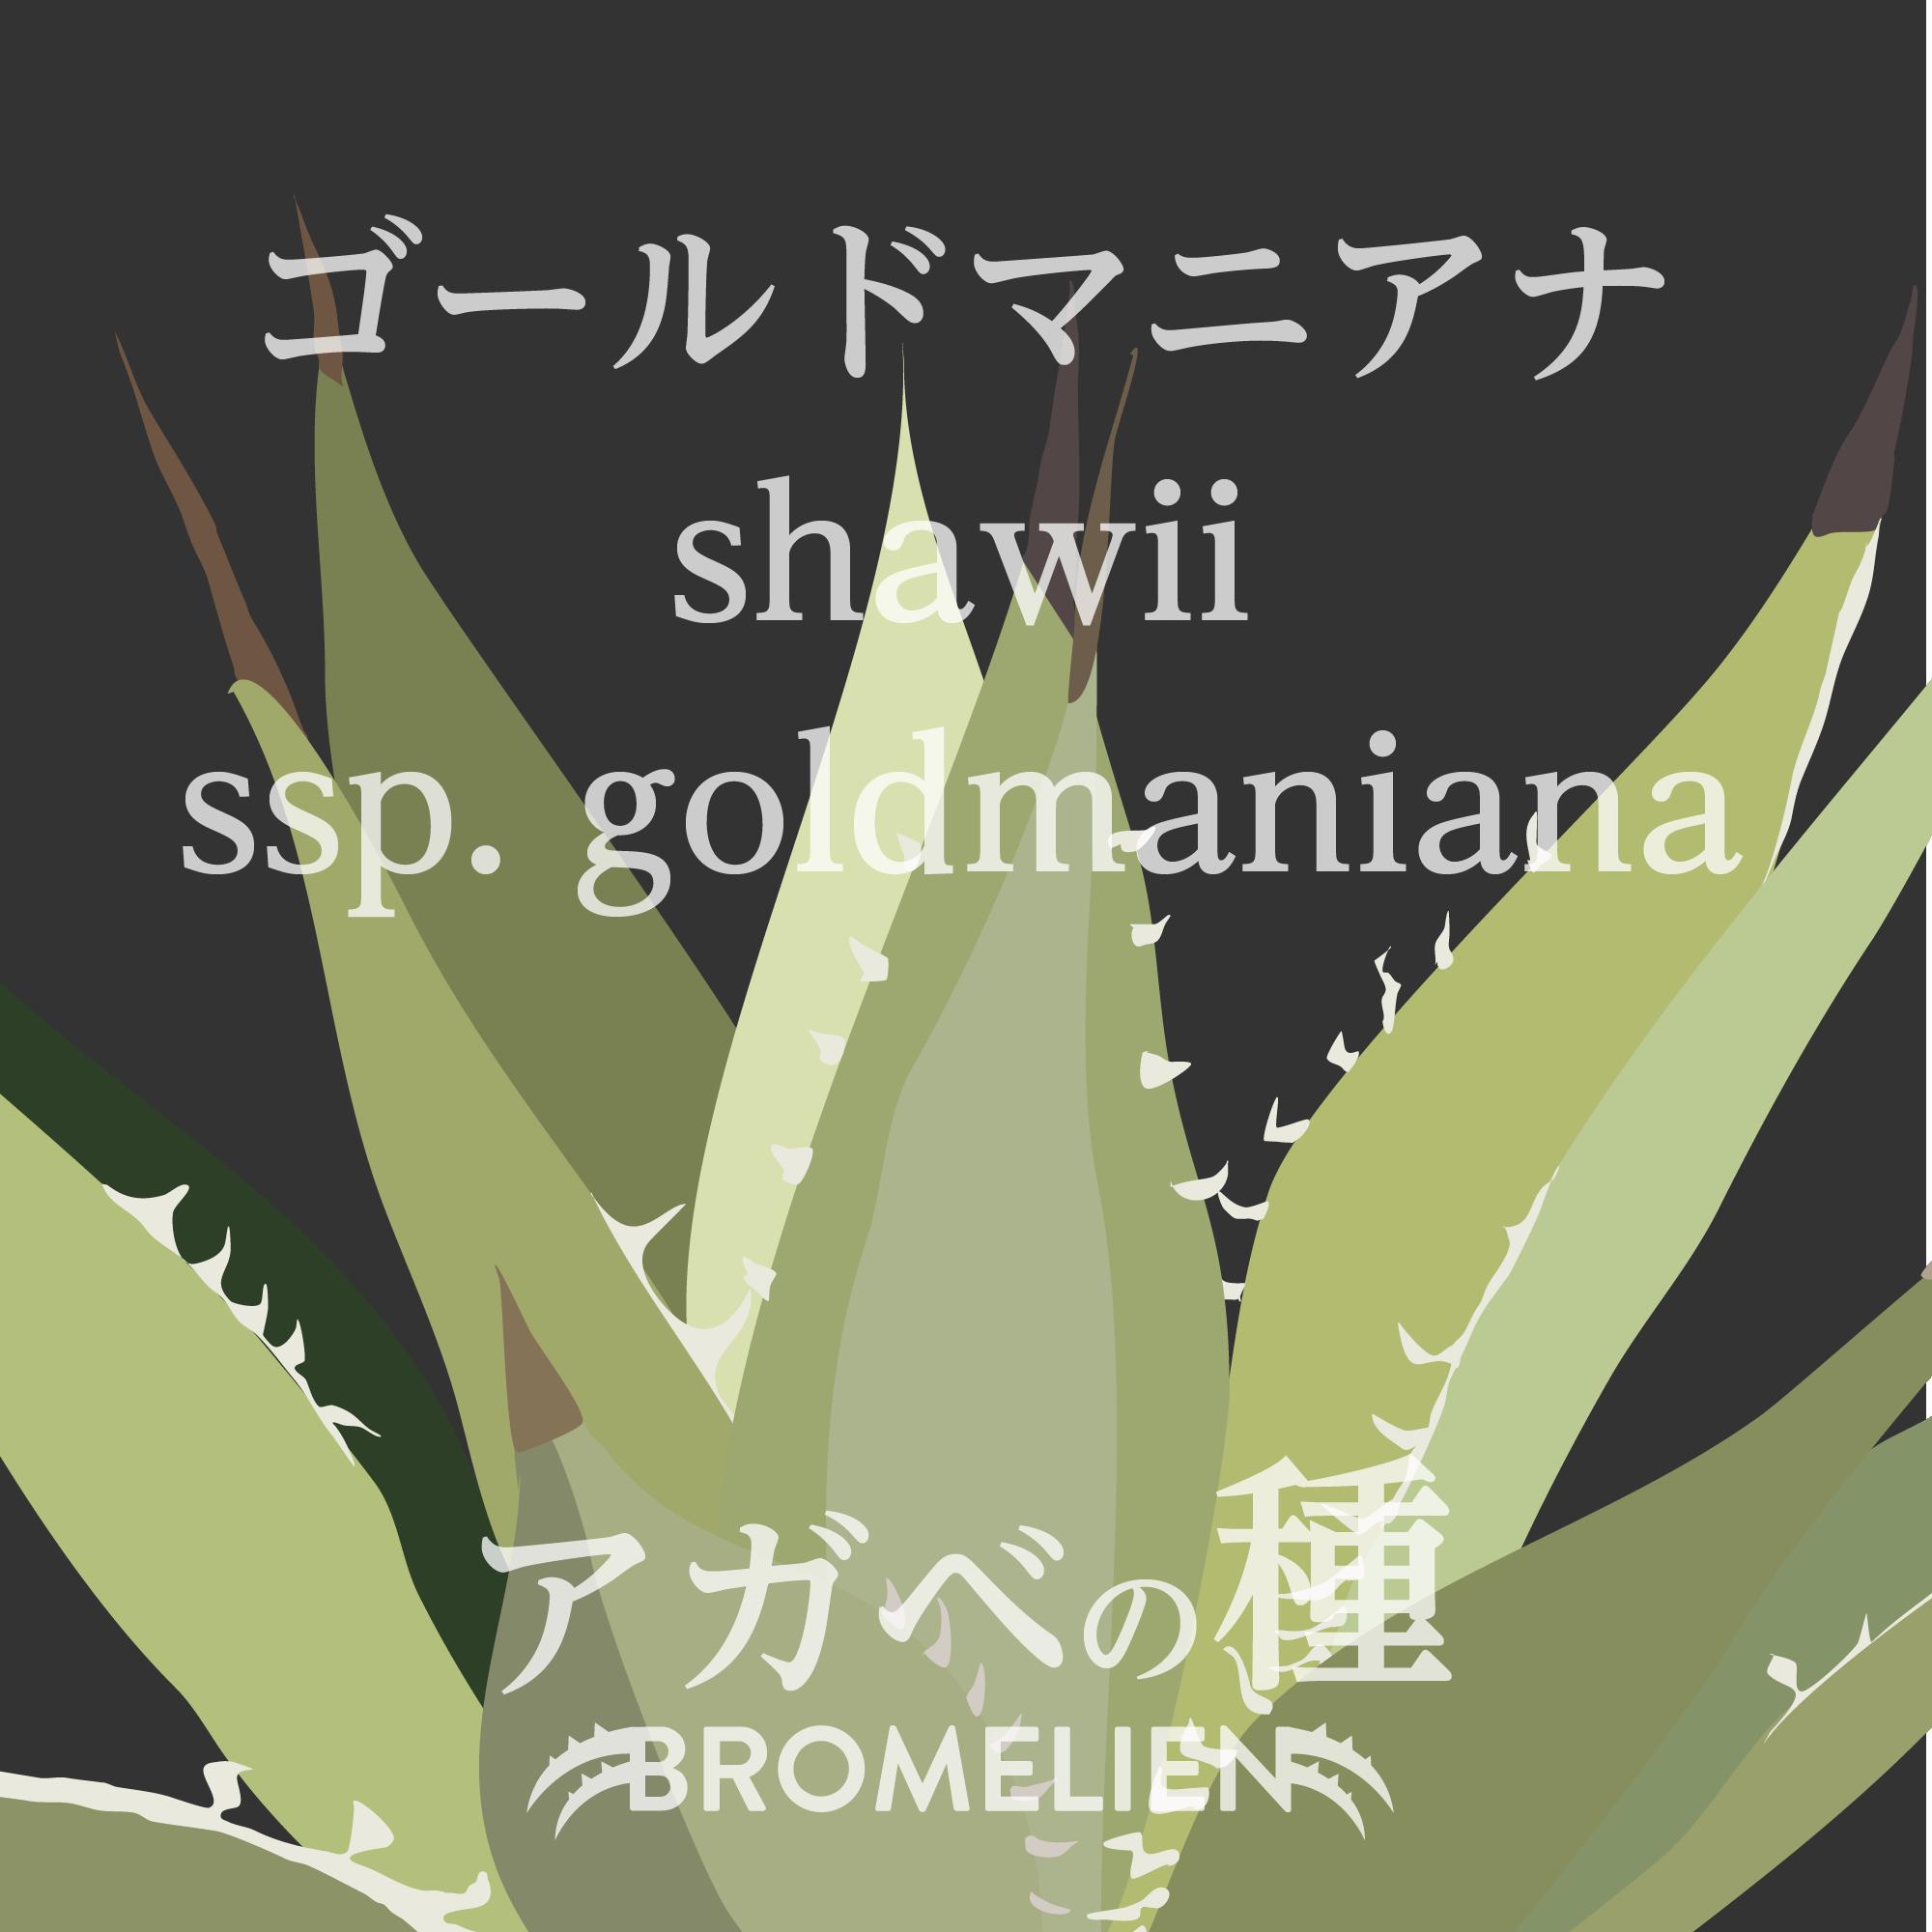 アガベの種 shawii ssp. goldmaniana ゴールドマニアナ 20個